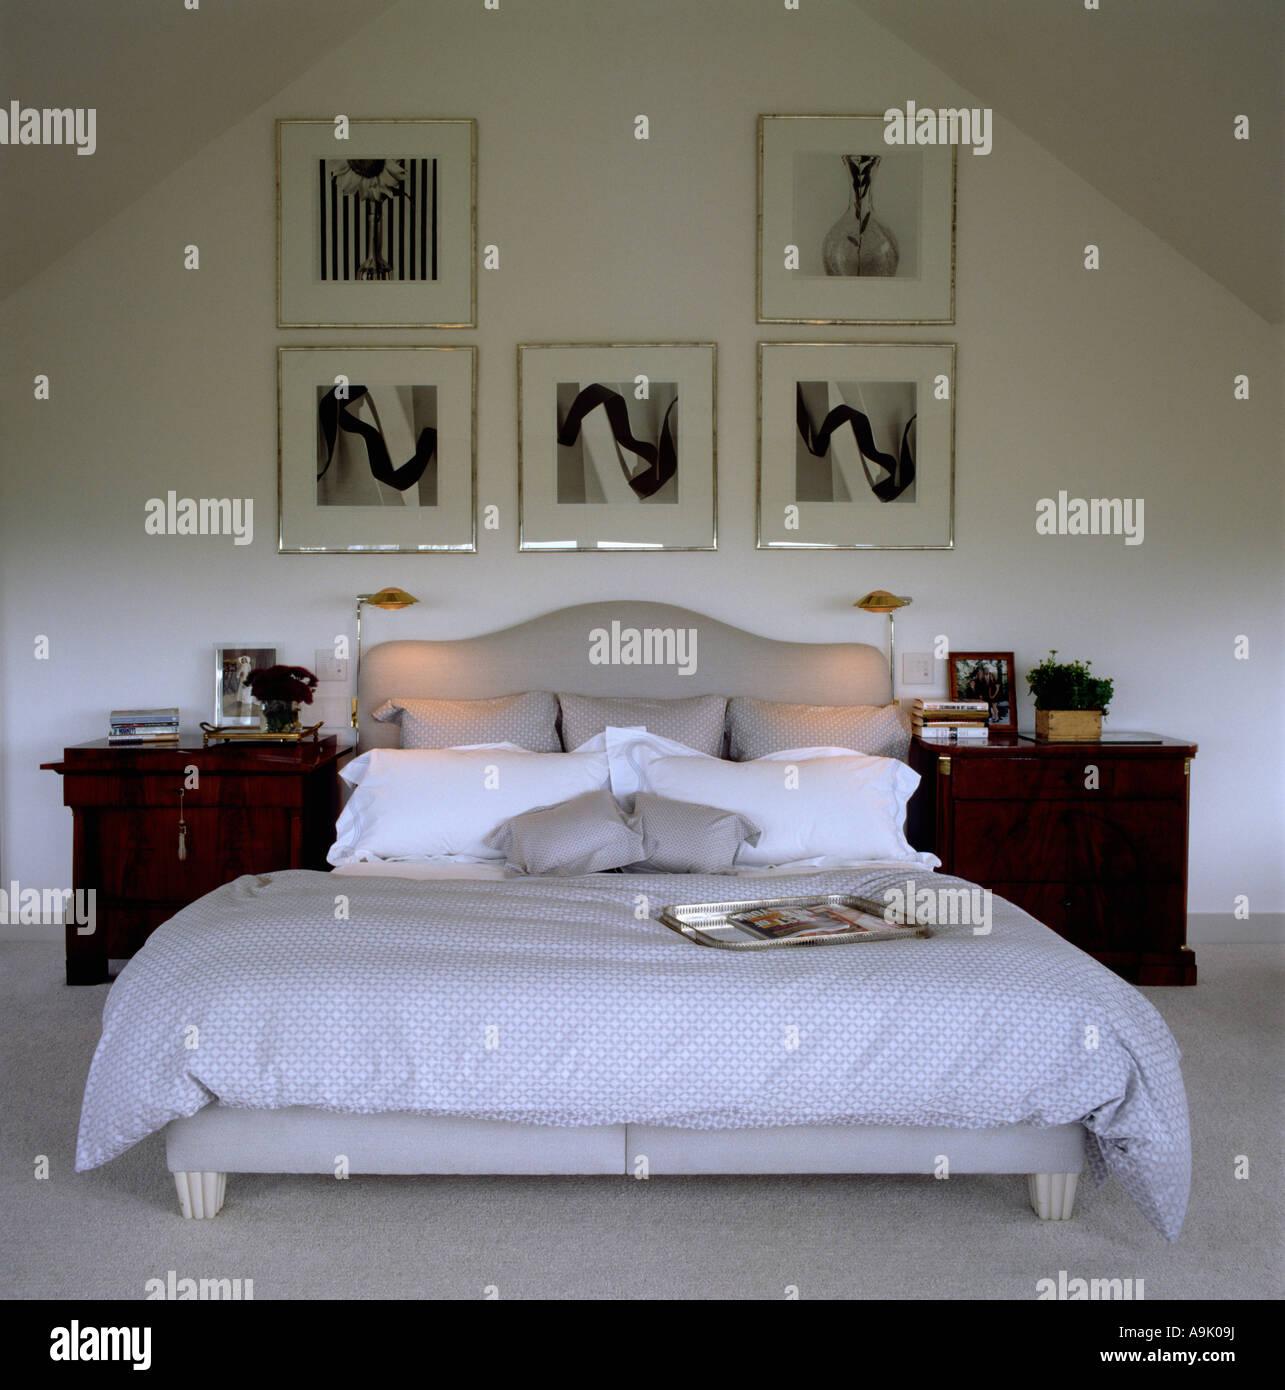 Moderne Schlafzimmer mit gerahmten schwarz-weiß Fotografien ...